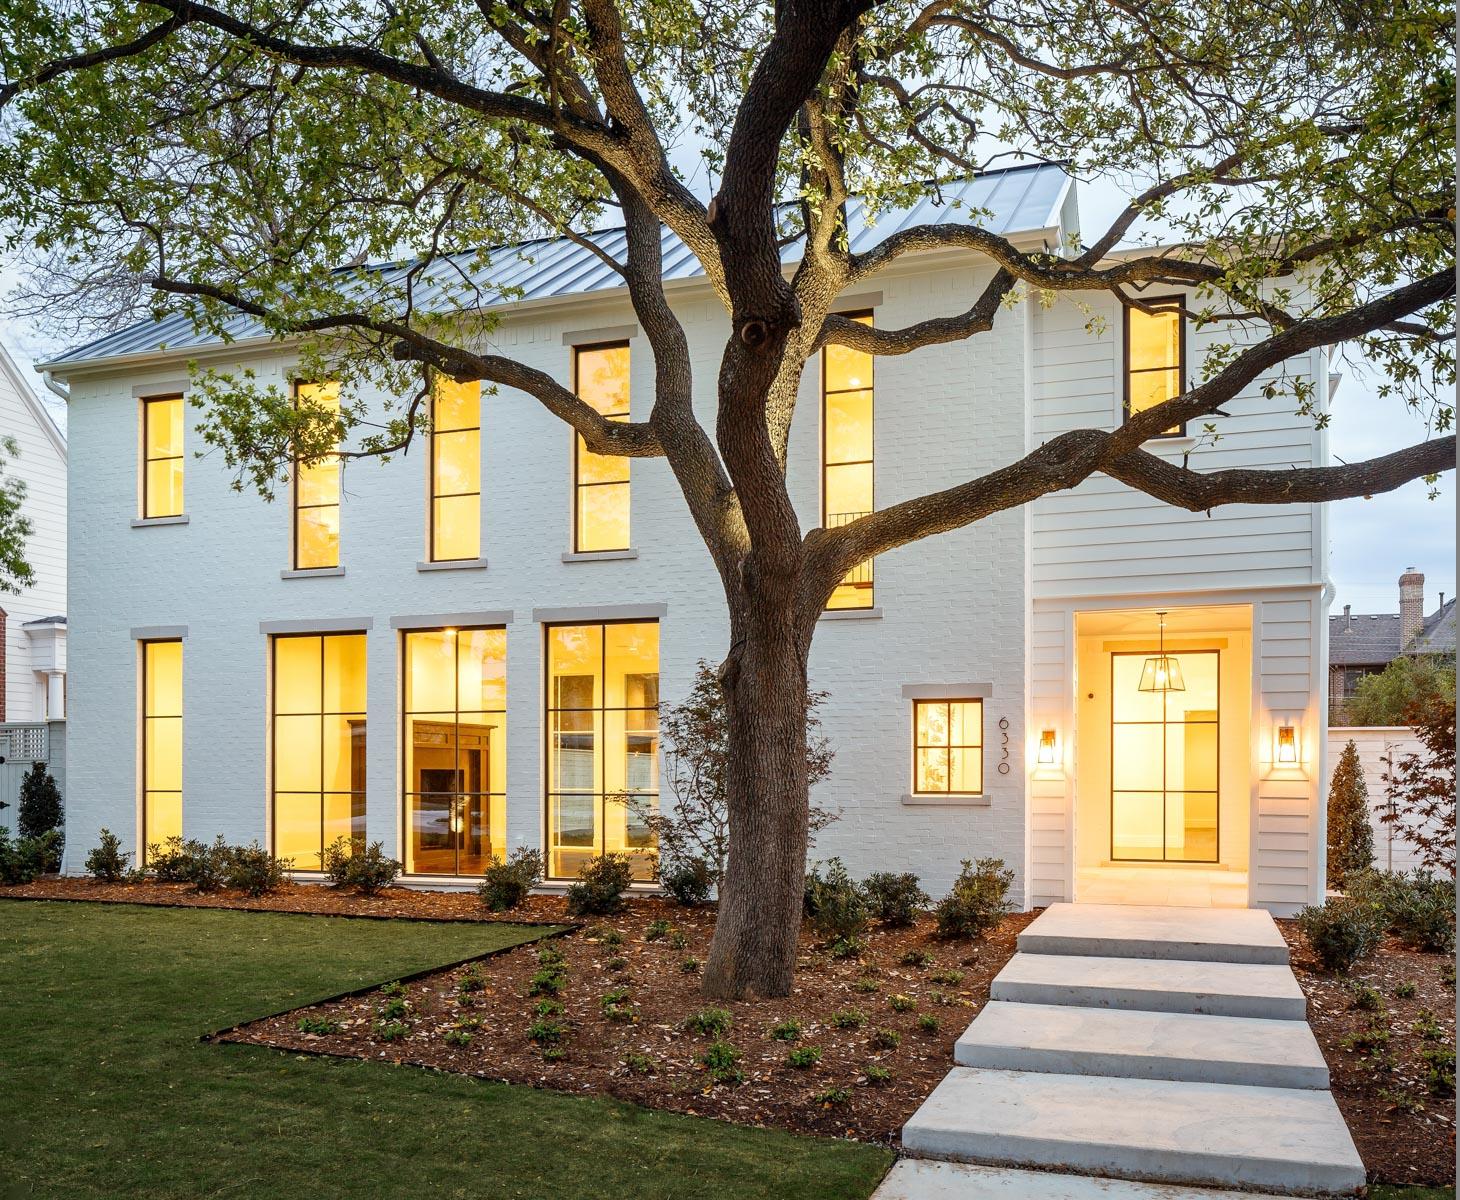 Частный односемейный дом для того Продажа на Preston Hollow Modern Farm House 6330 Pemberton Drive Dallas, Техас, 75230 Соединенные Штаты